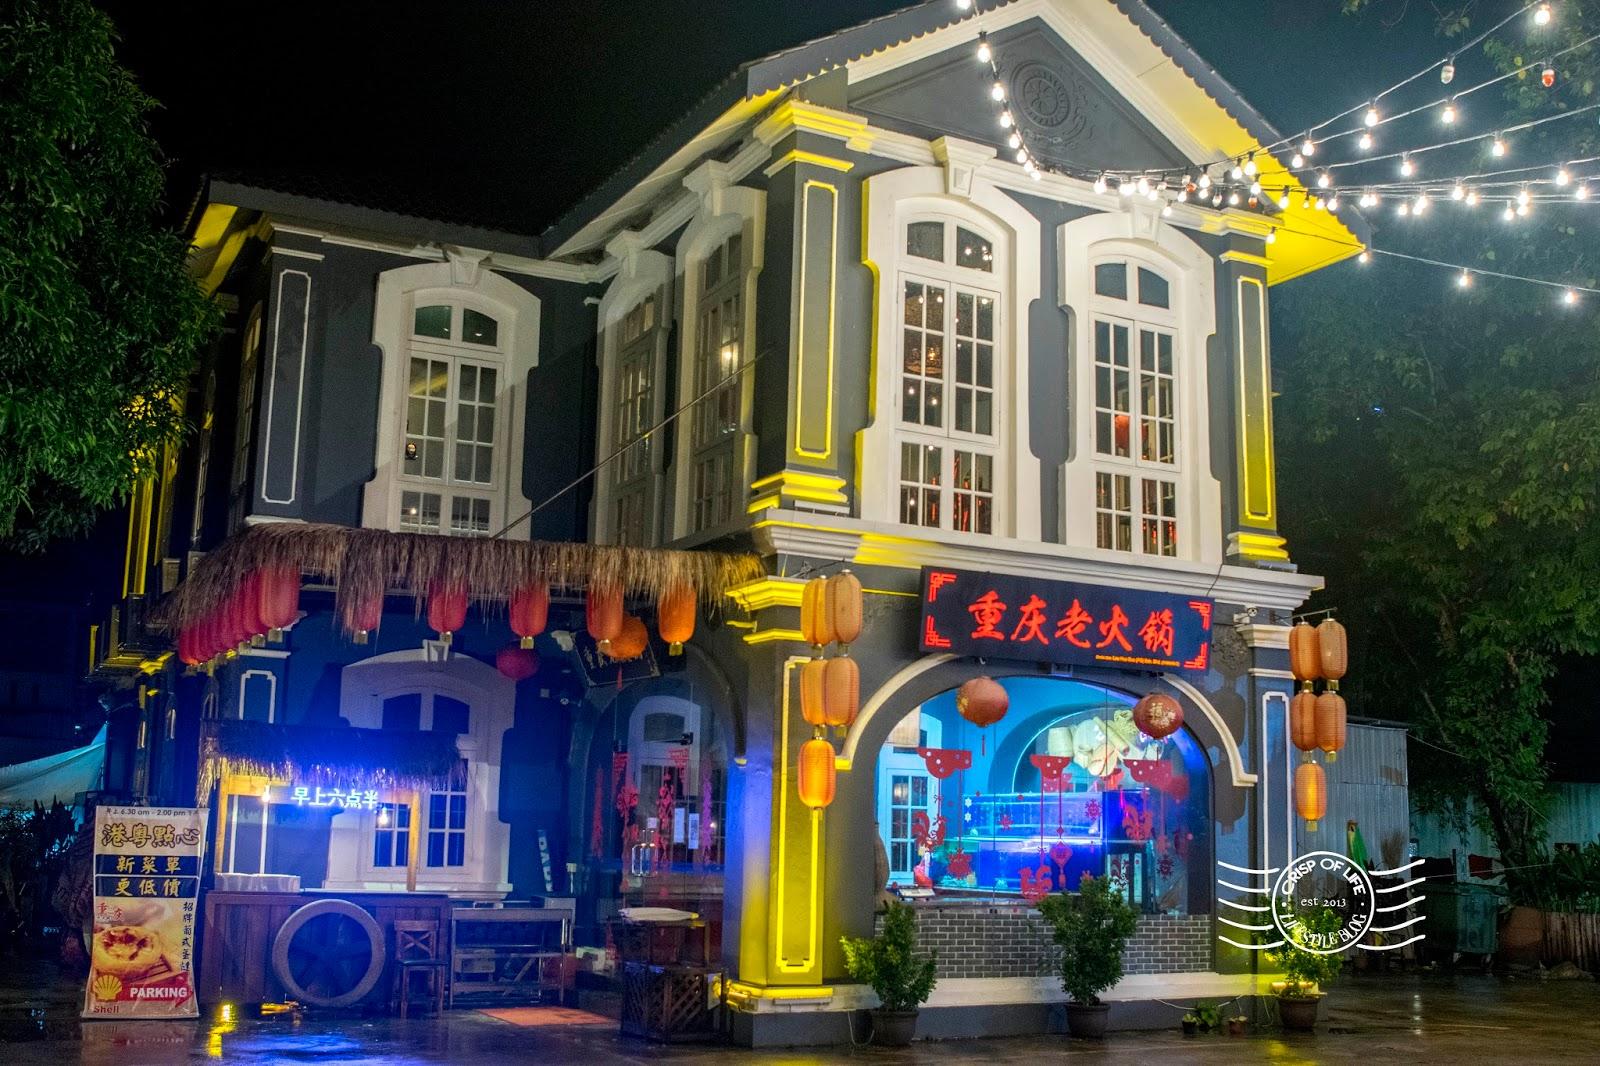 Chong Qing Steamboat Penang